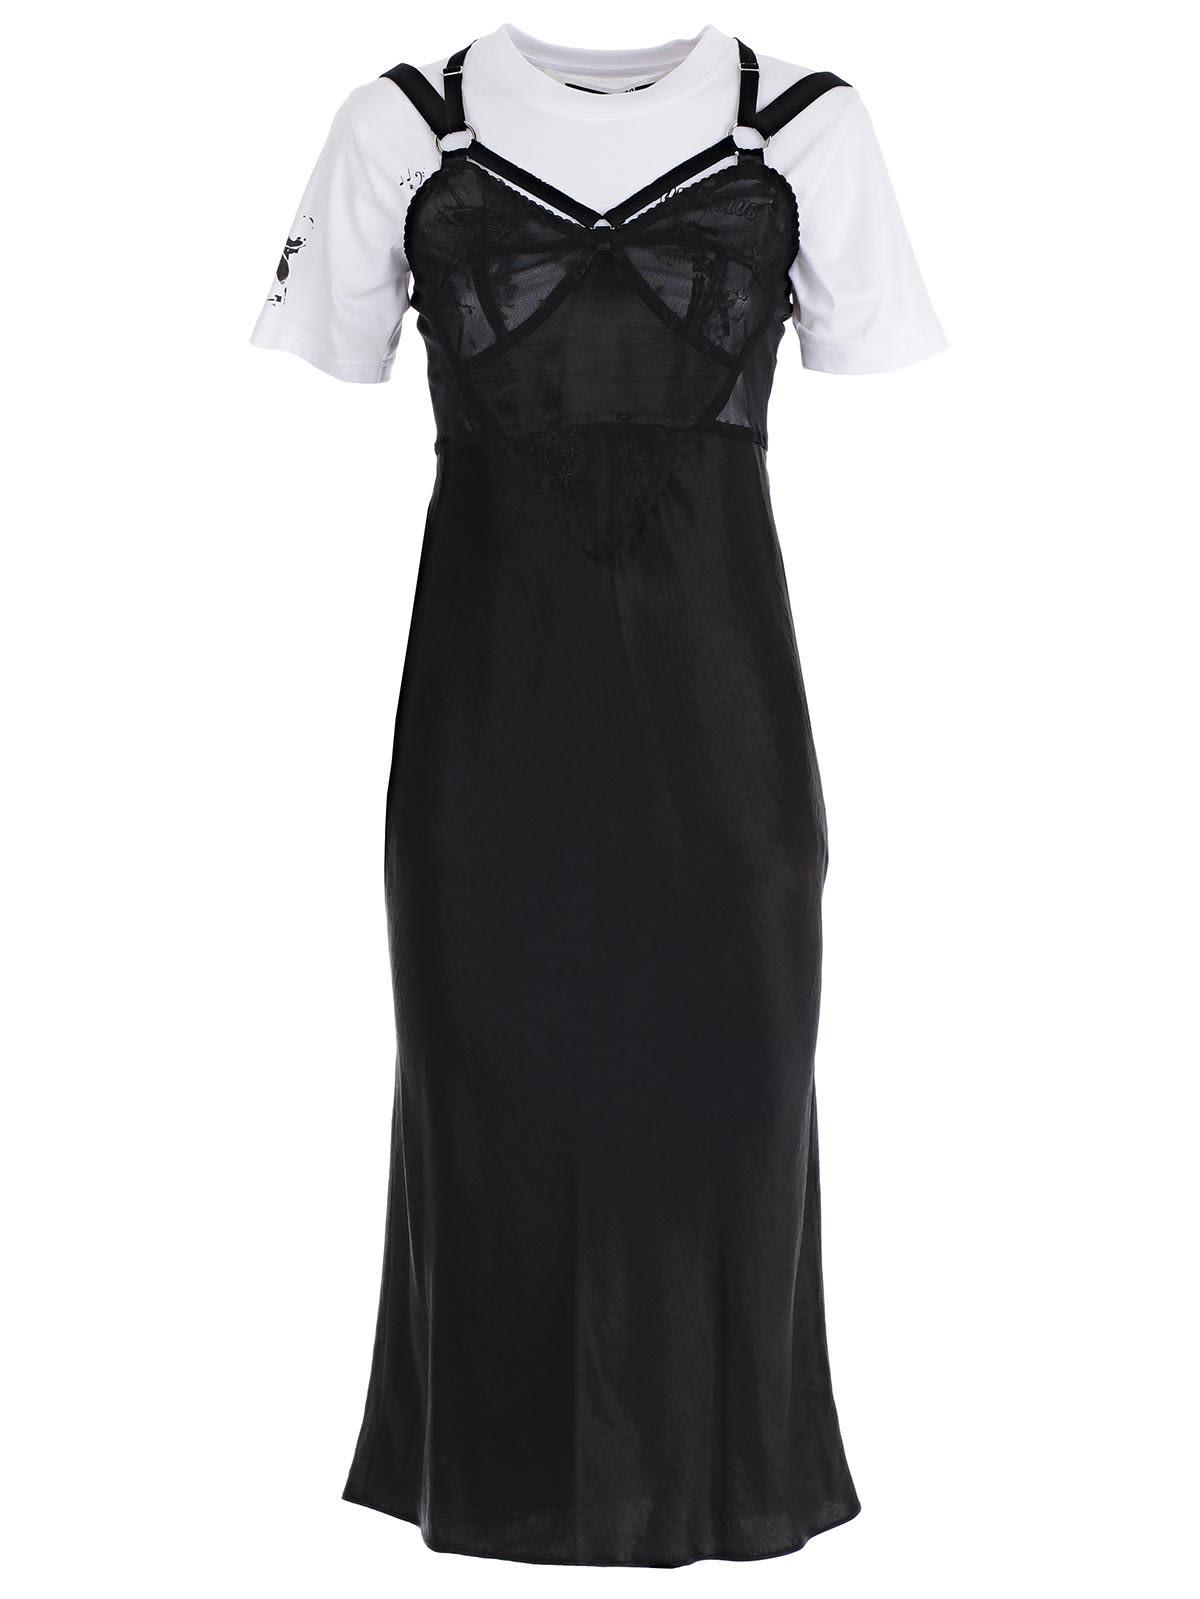 McQ Alexander McQueen Dress